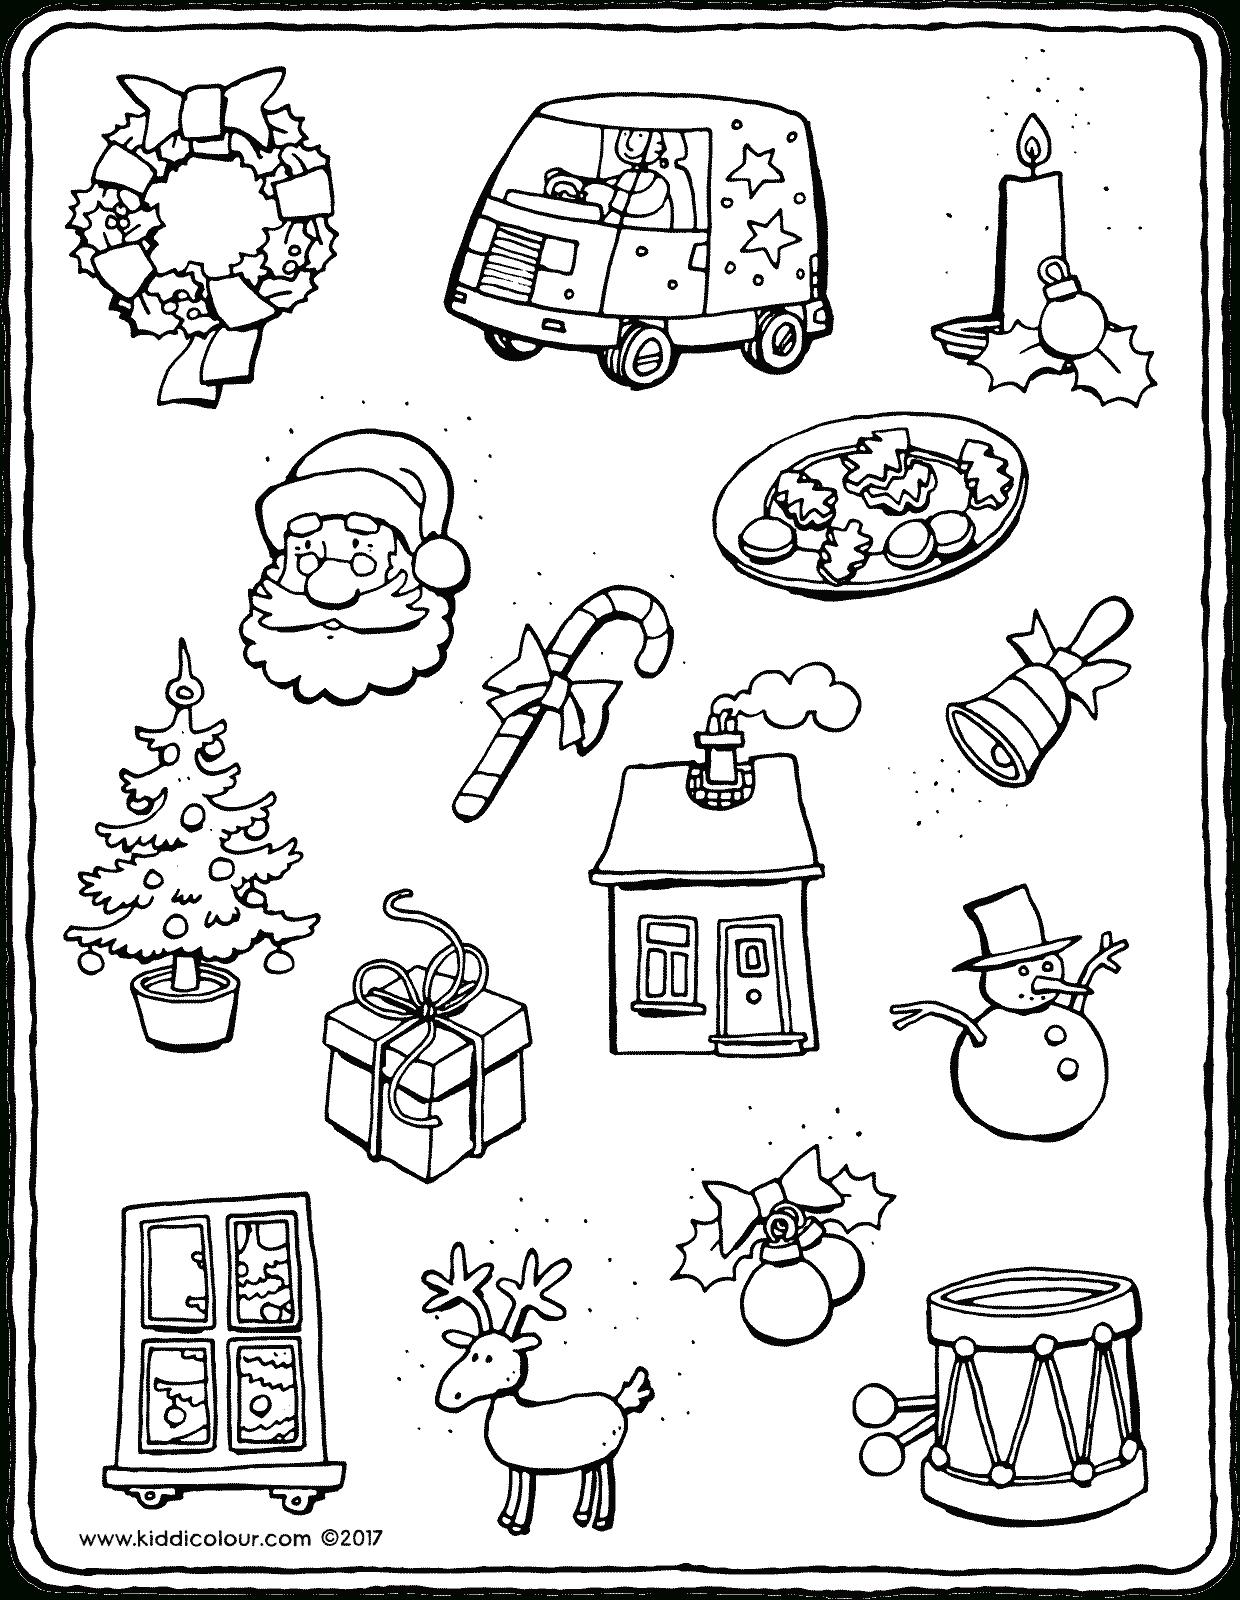 Kleine Dinge Für Weihnachten - Kiddimalseite ganzes Ausmalbilder Zu Weihnachten